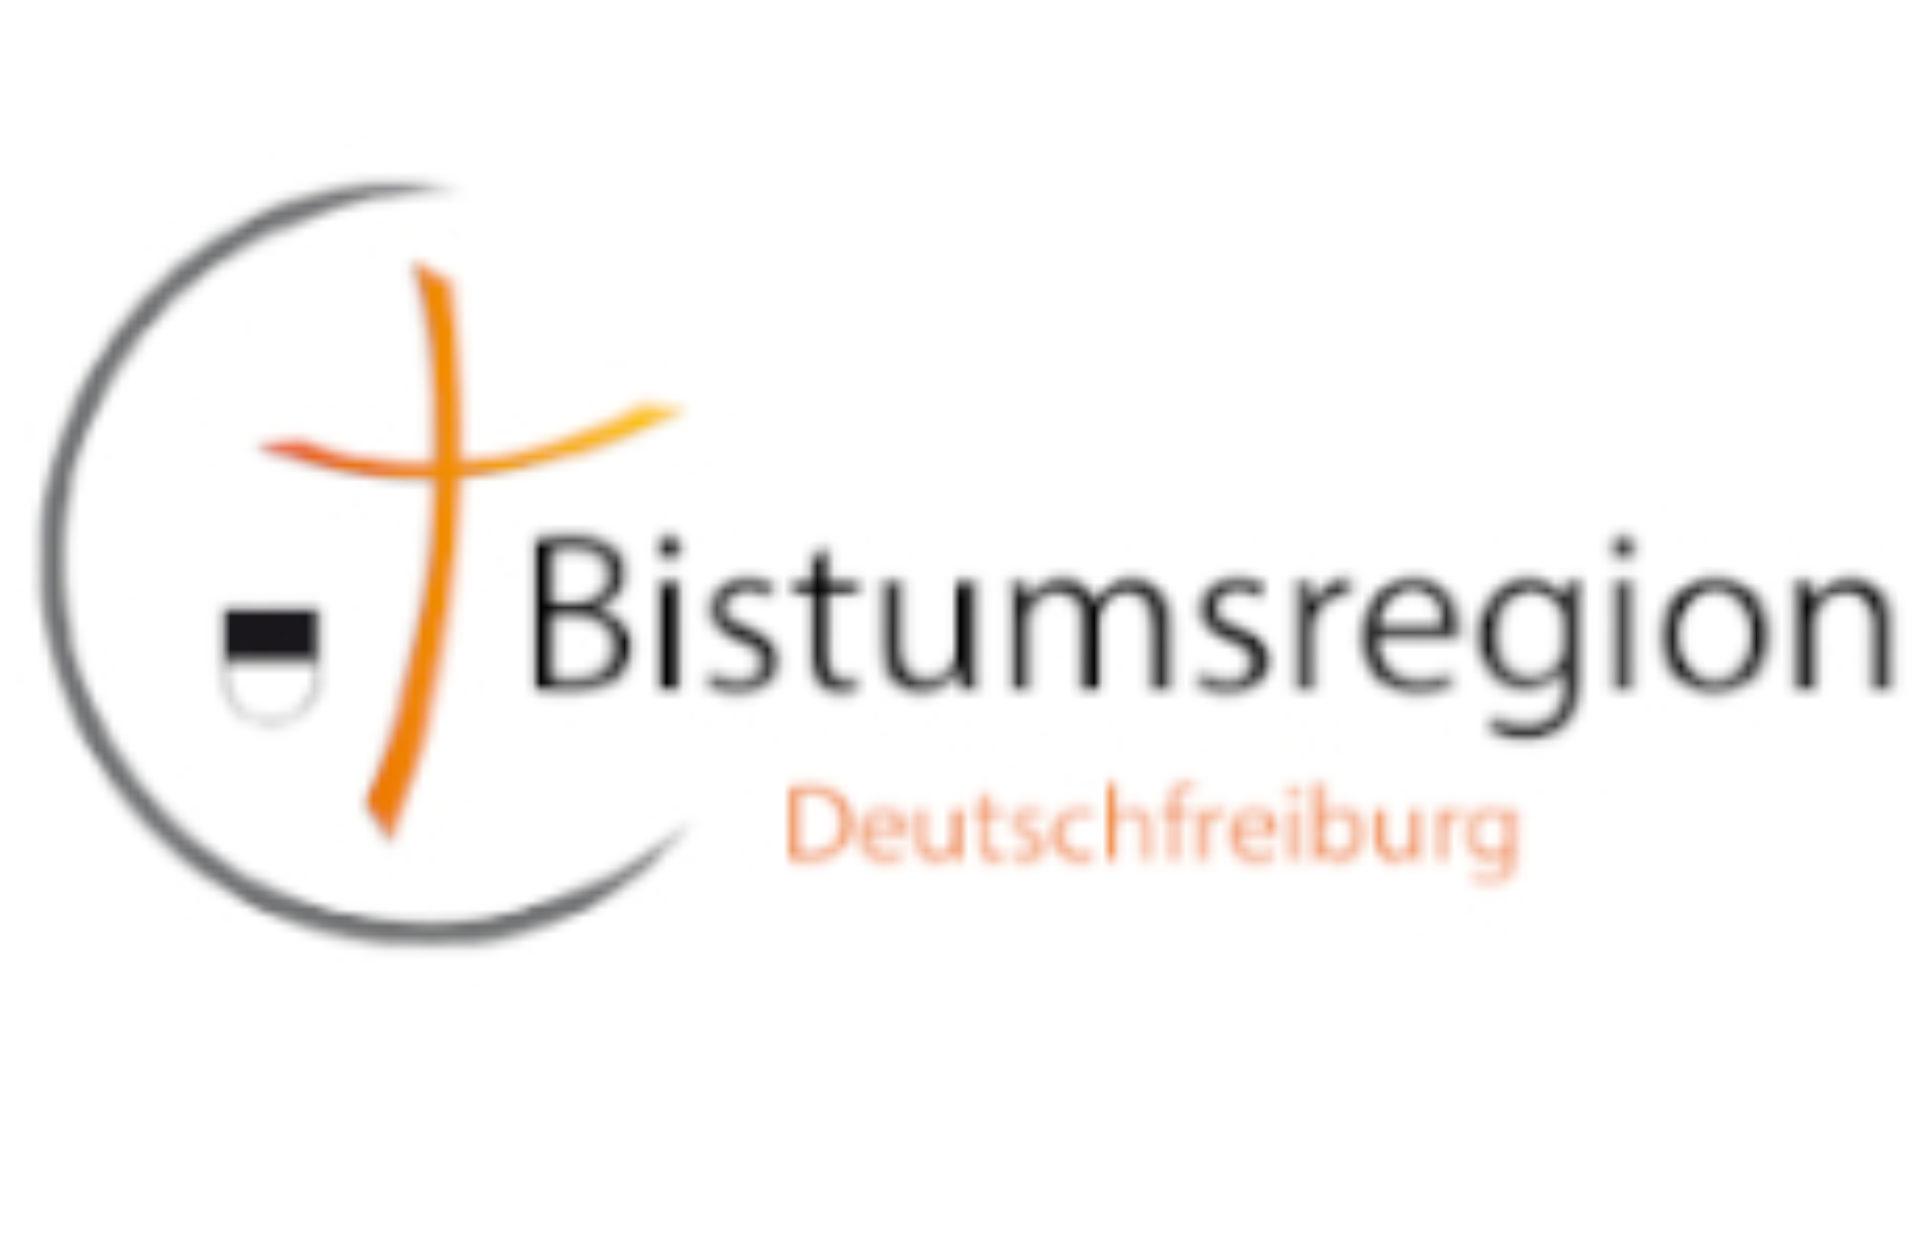 Bistumsregion Deutschfreiburg